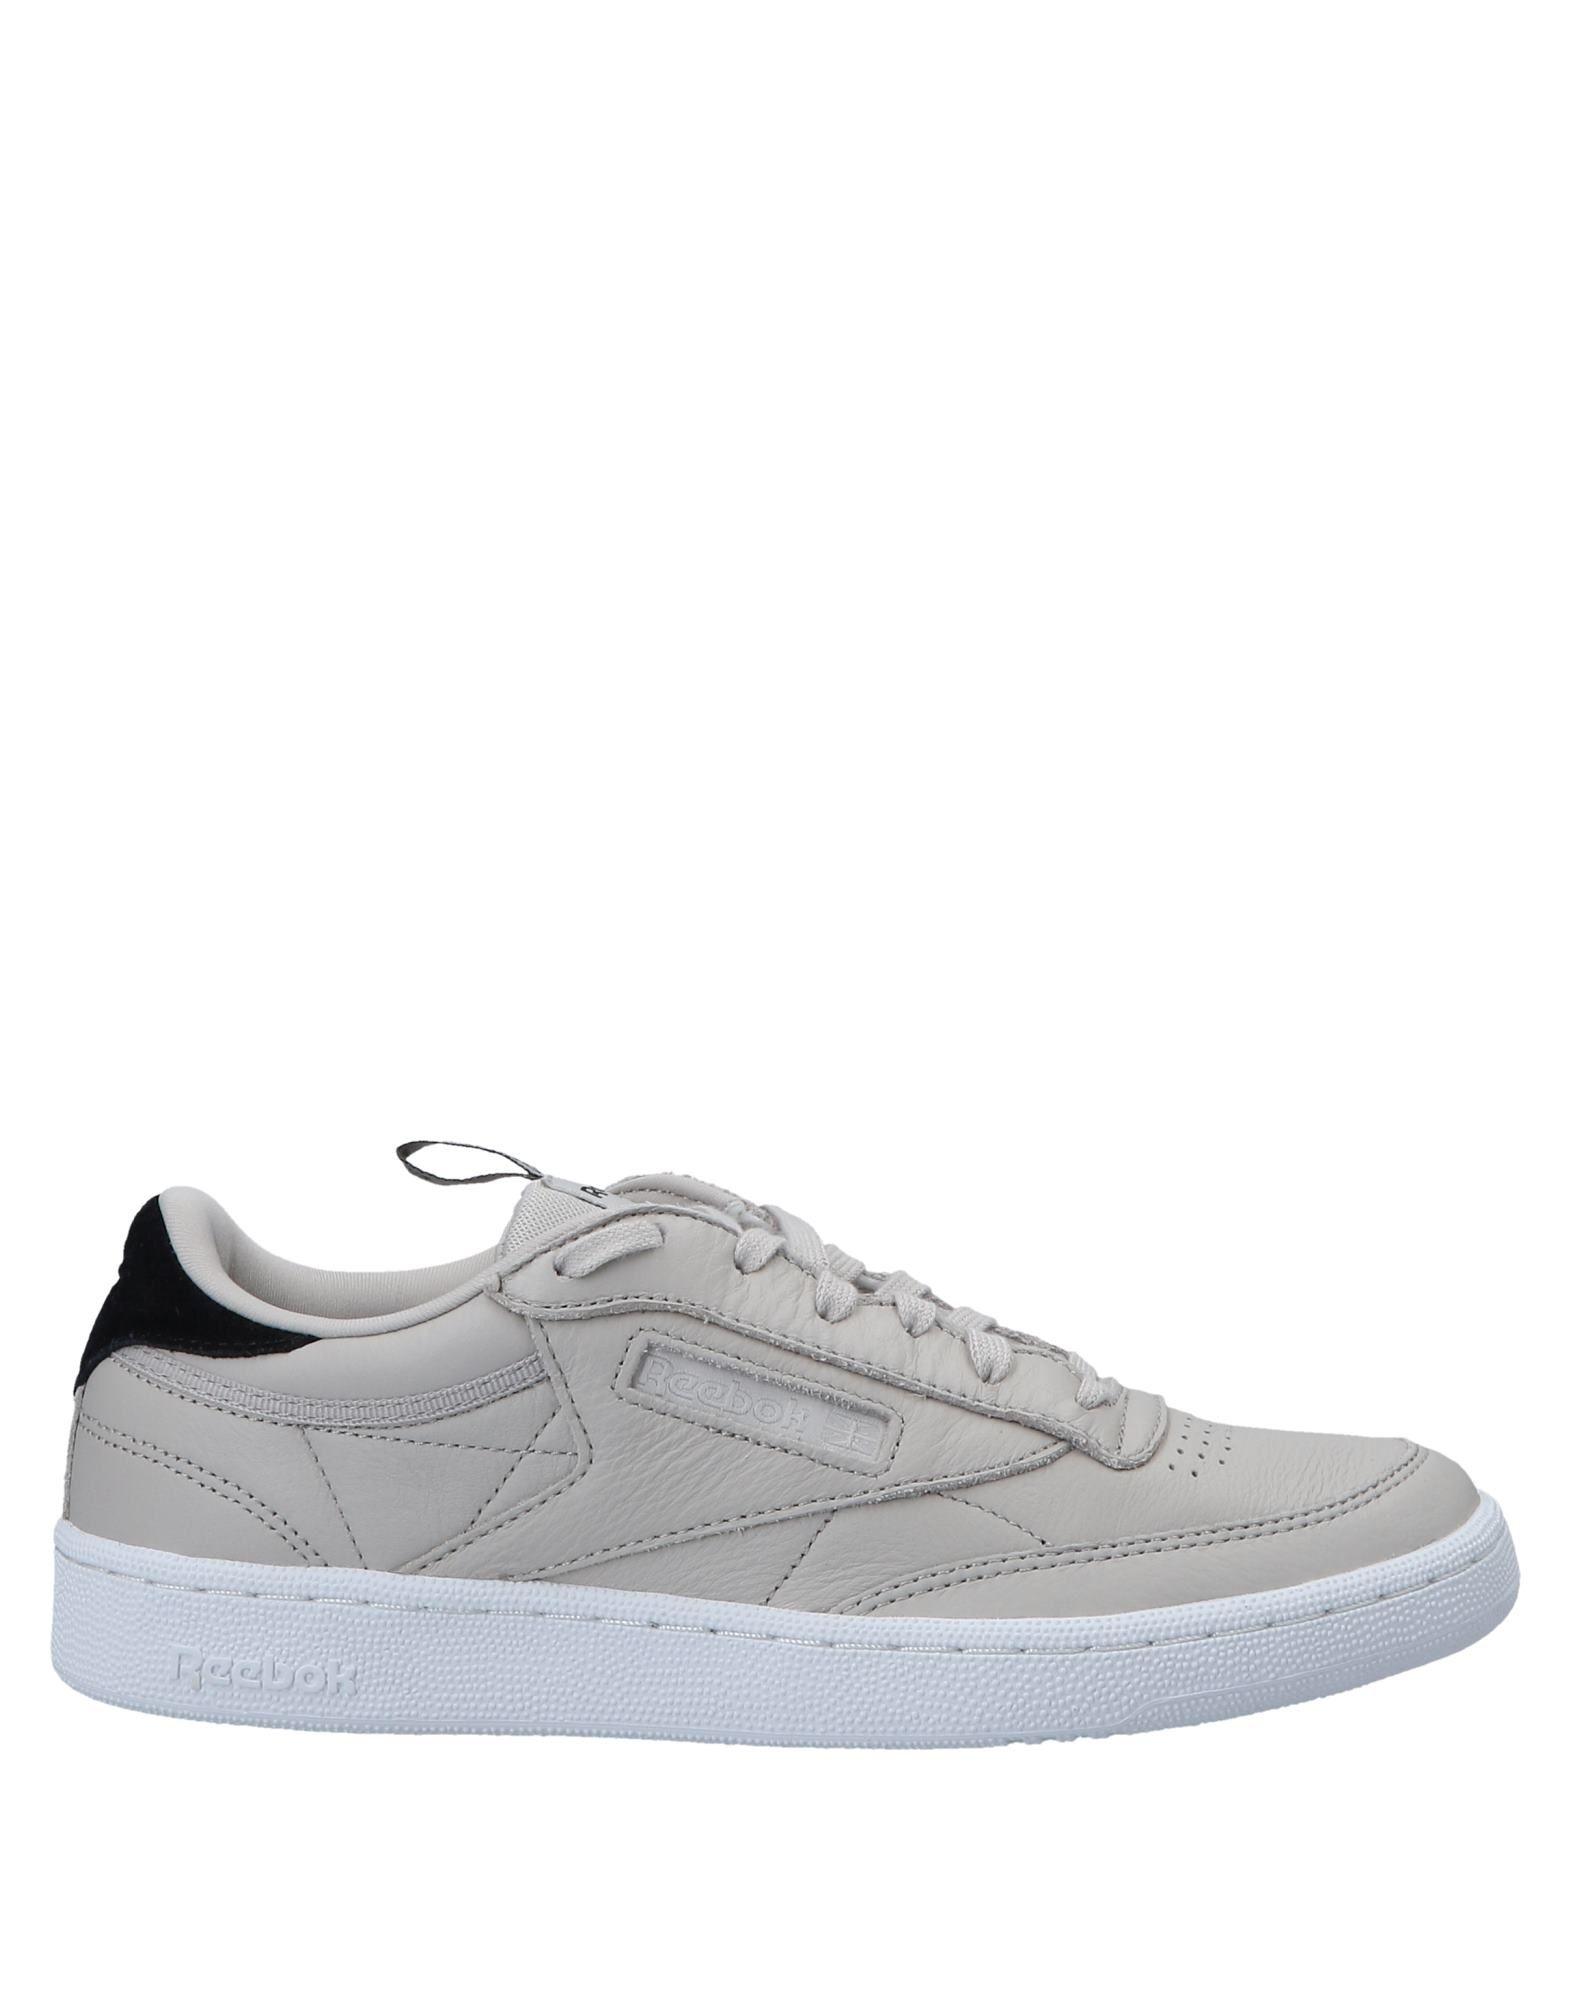 Rabatt echte Schuhe Reebok Sneakers Herren  11546687FV